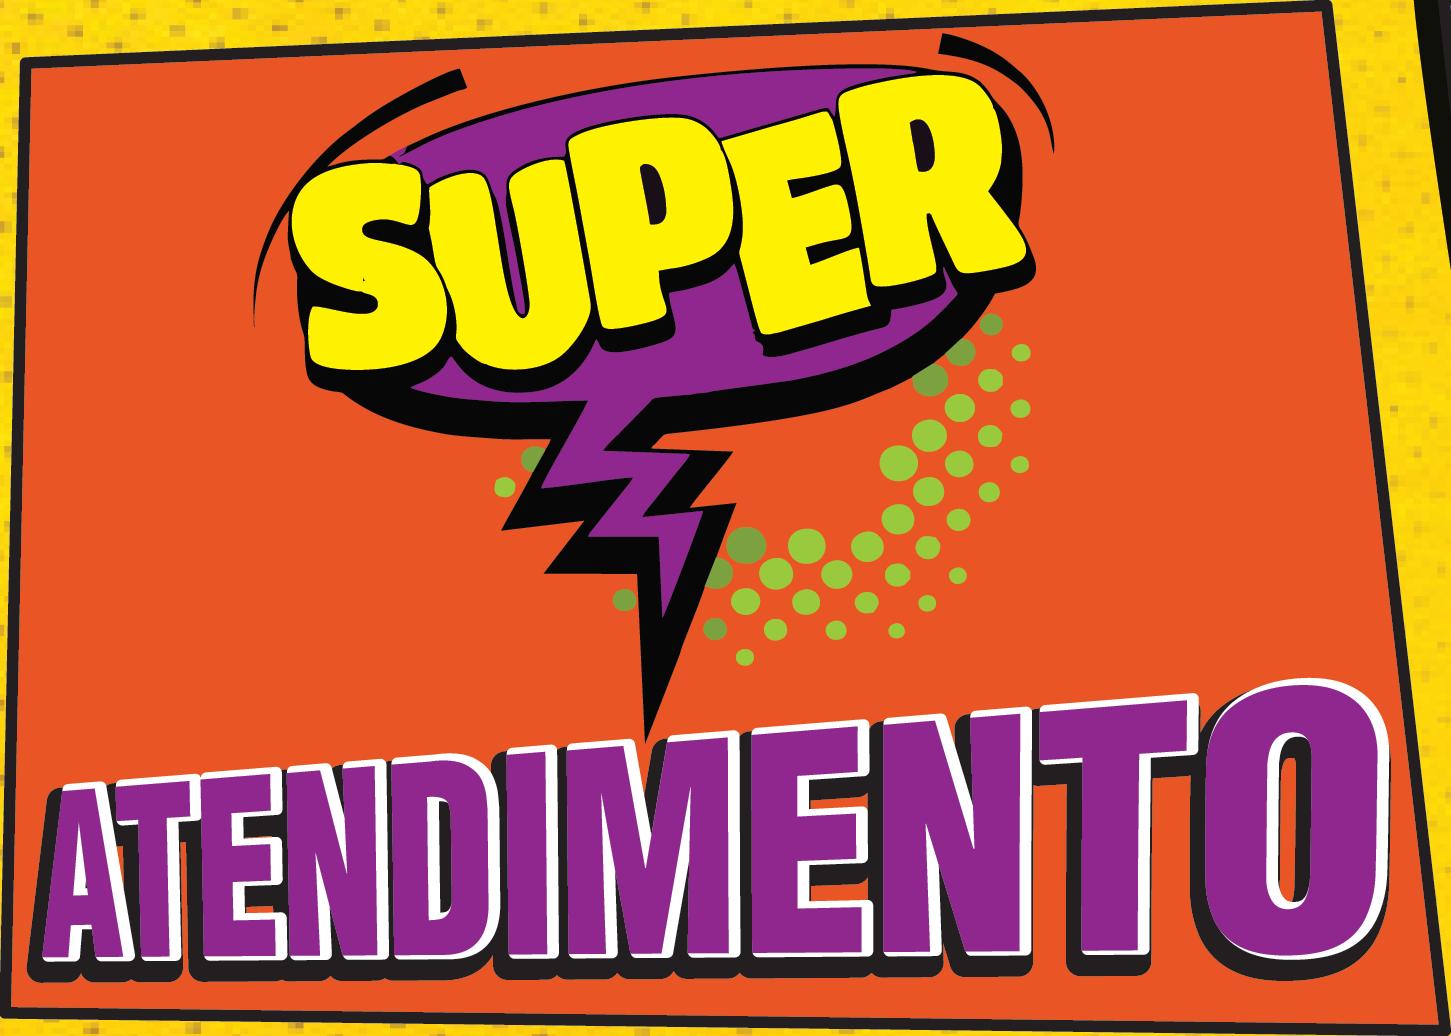 SUPER-ATENDIMENTO